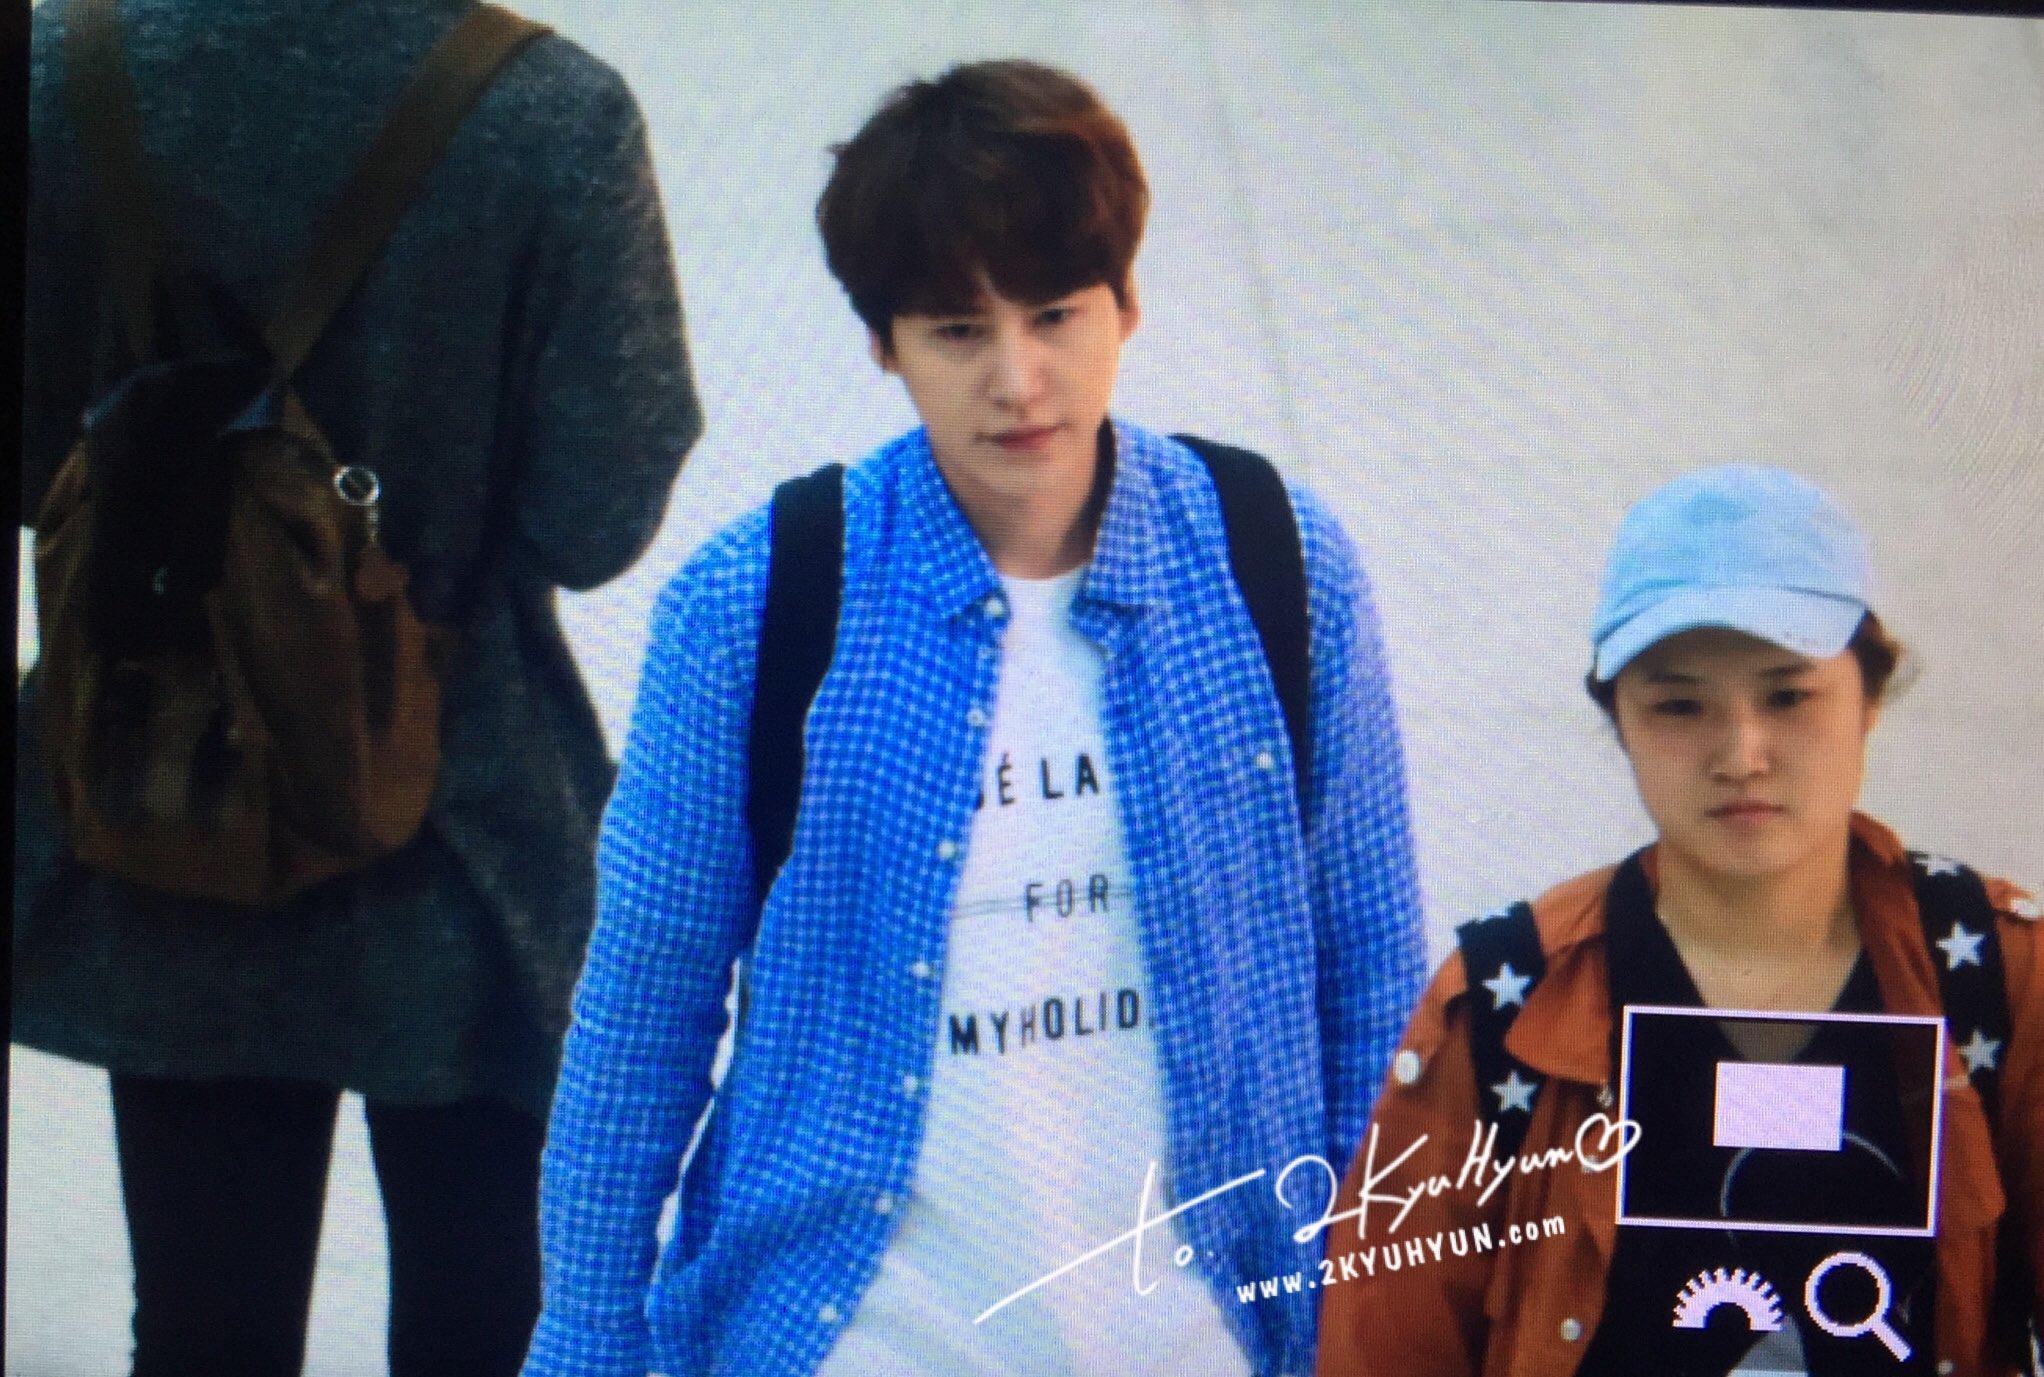 170507 신서유기 인천공항 출국 :) #Kyuhyun at ICN Airport ❤ (6) cr. @2kyuhyun https://t.co/MDFyAN71qM